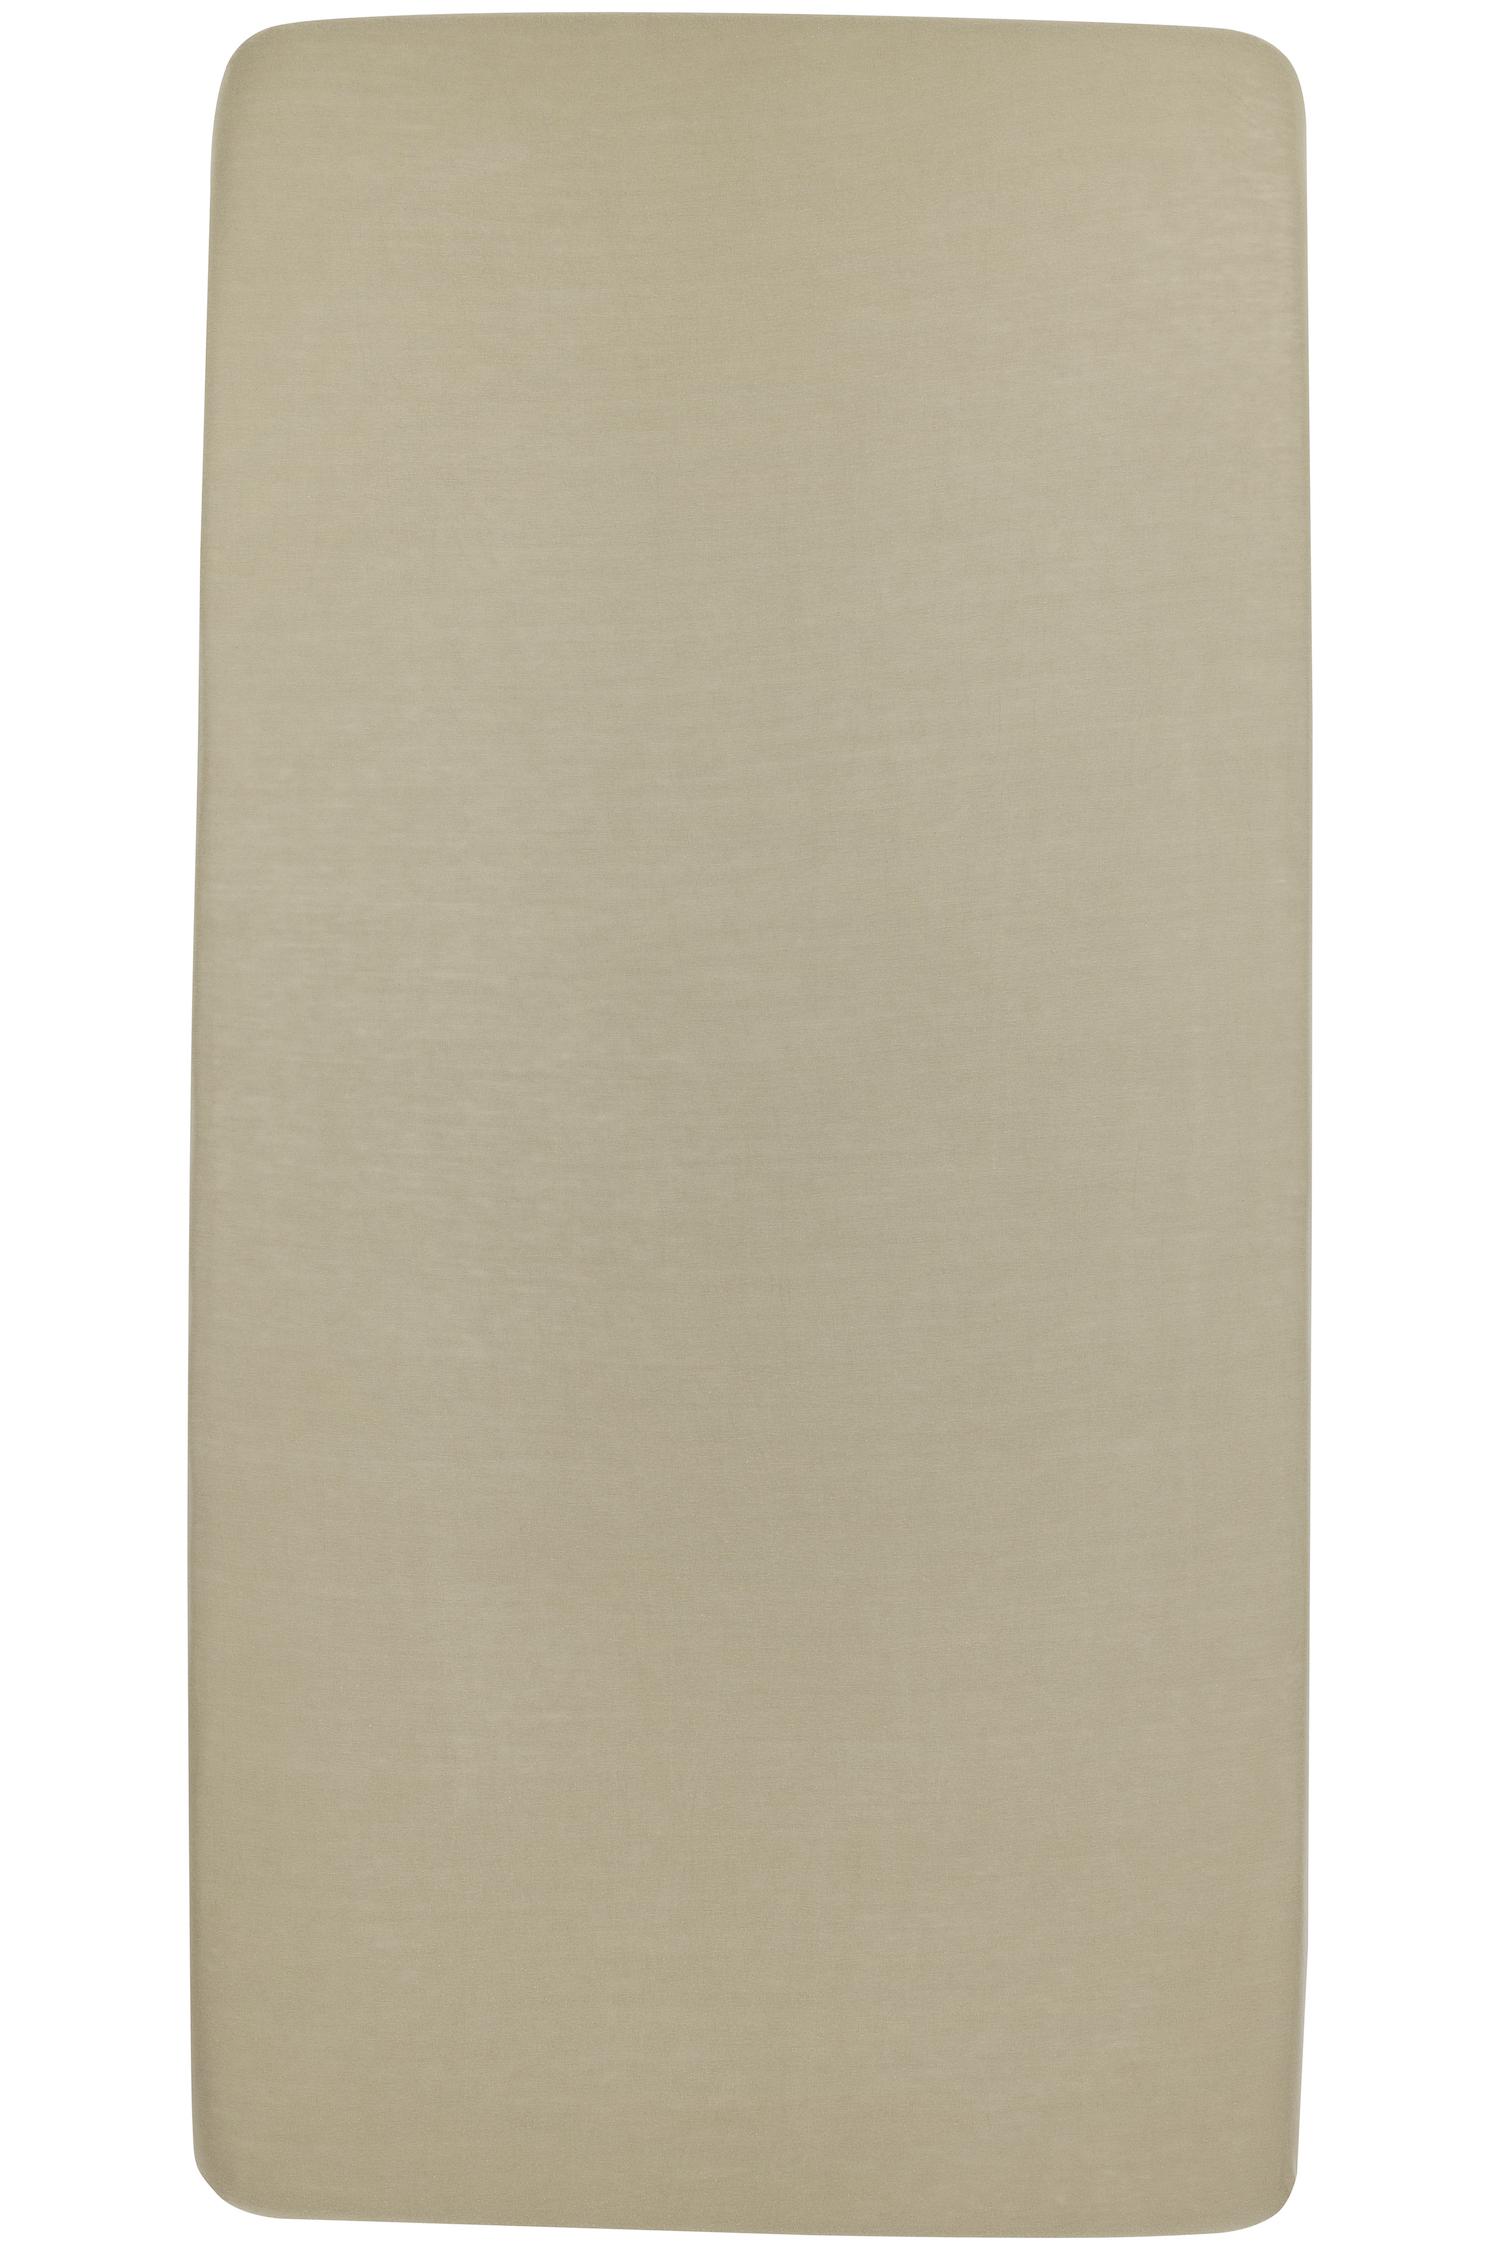 Jersey Hoeslaken Wieg - Taupe - 40x80/90cm